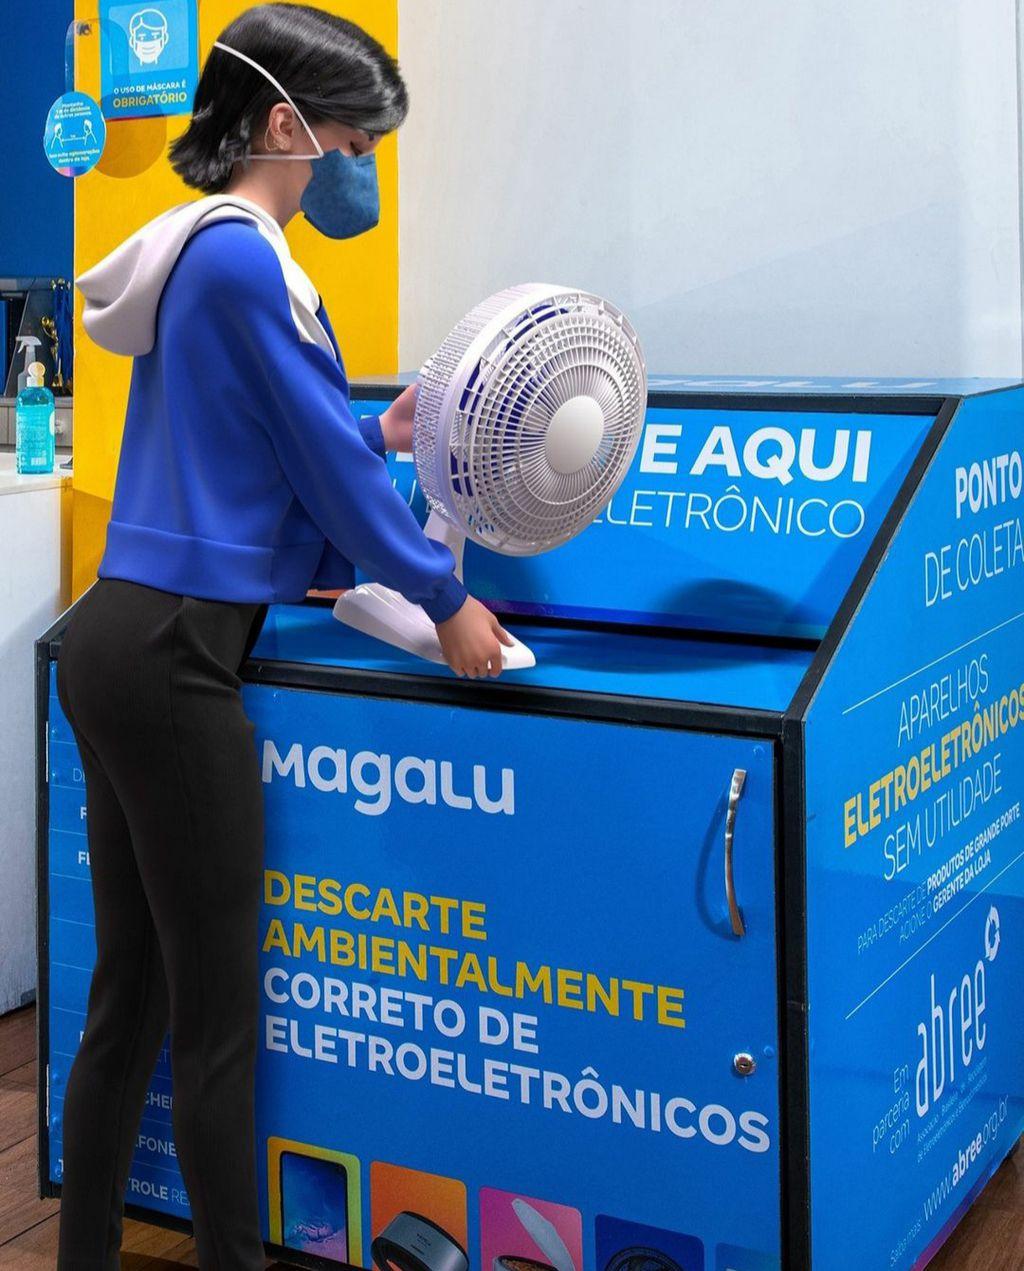 Magalu anuncia iniciativa para coleta de lixo eletrônico em lojas pelo Brasil - 2